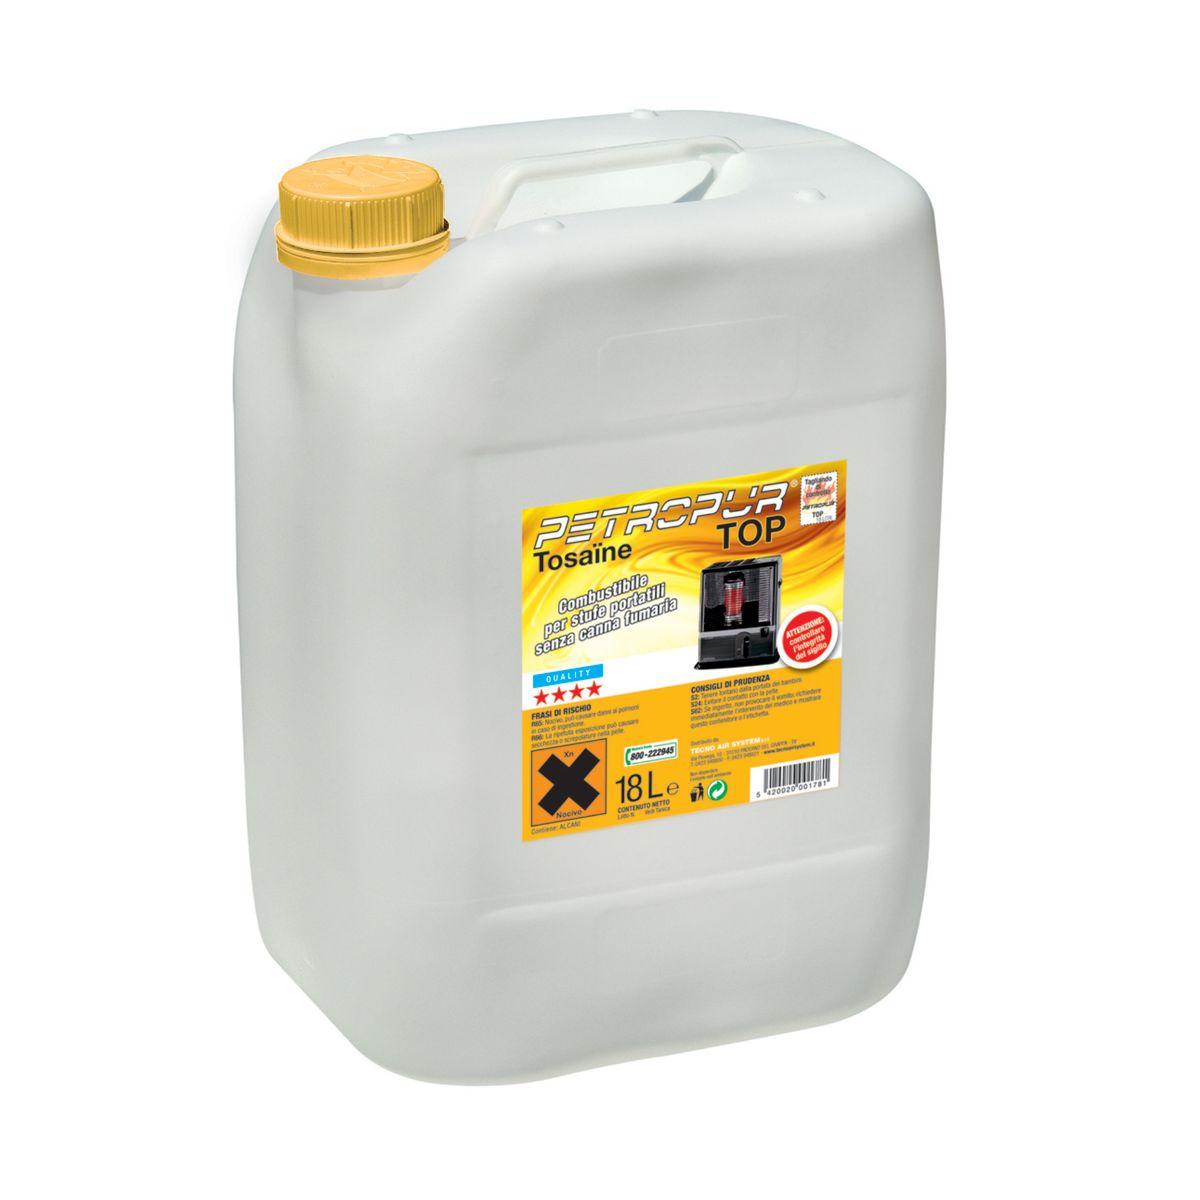 Bioetanolo leroy merlin best stufe a gas prezzi gallery for Leroy merlin caminetti